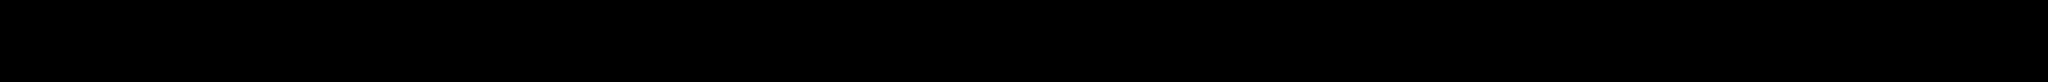 TRW 1H0 698 451 D, 1J0 698 451, 1J0 698 451 B, 1J0 698 451 D, 1J0 698 451 E Комплект спирачно феродо, дискови спирачки